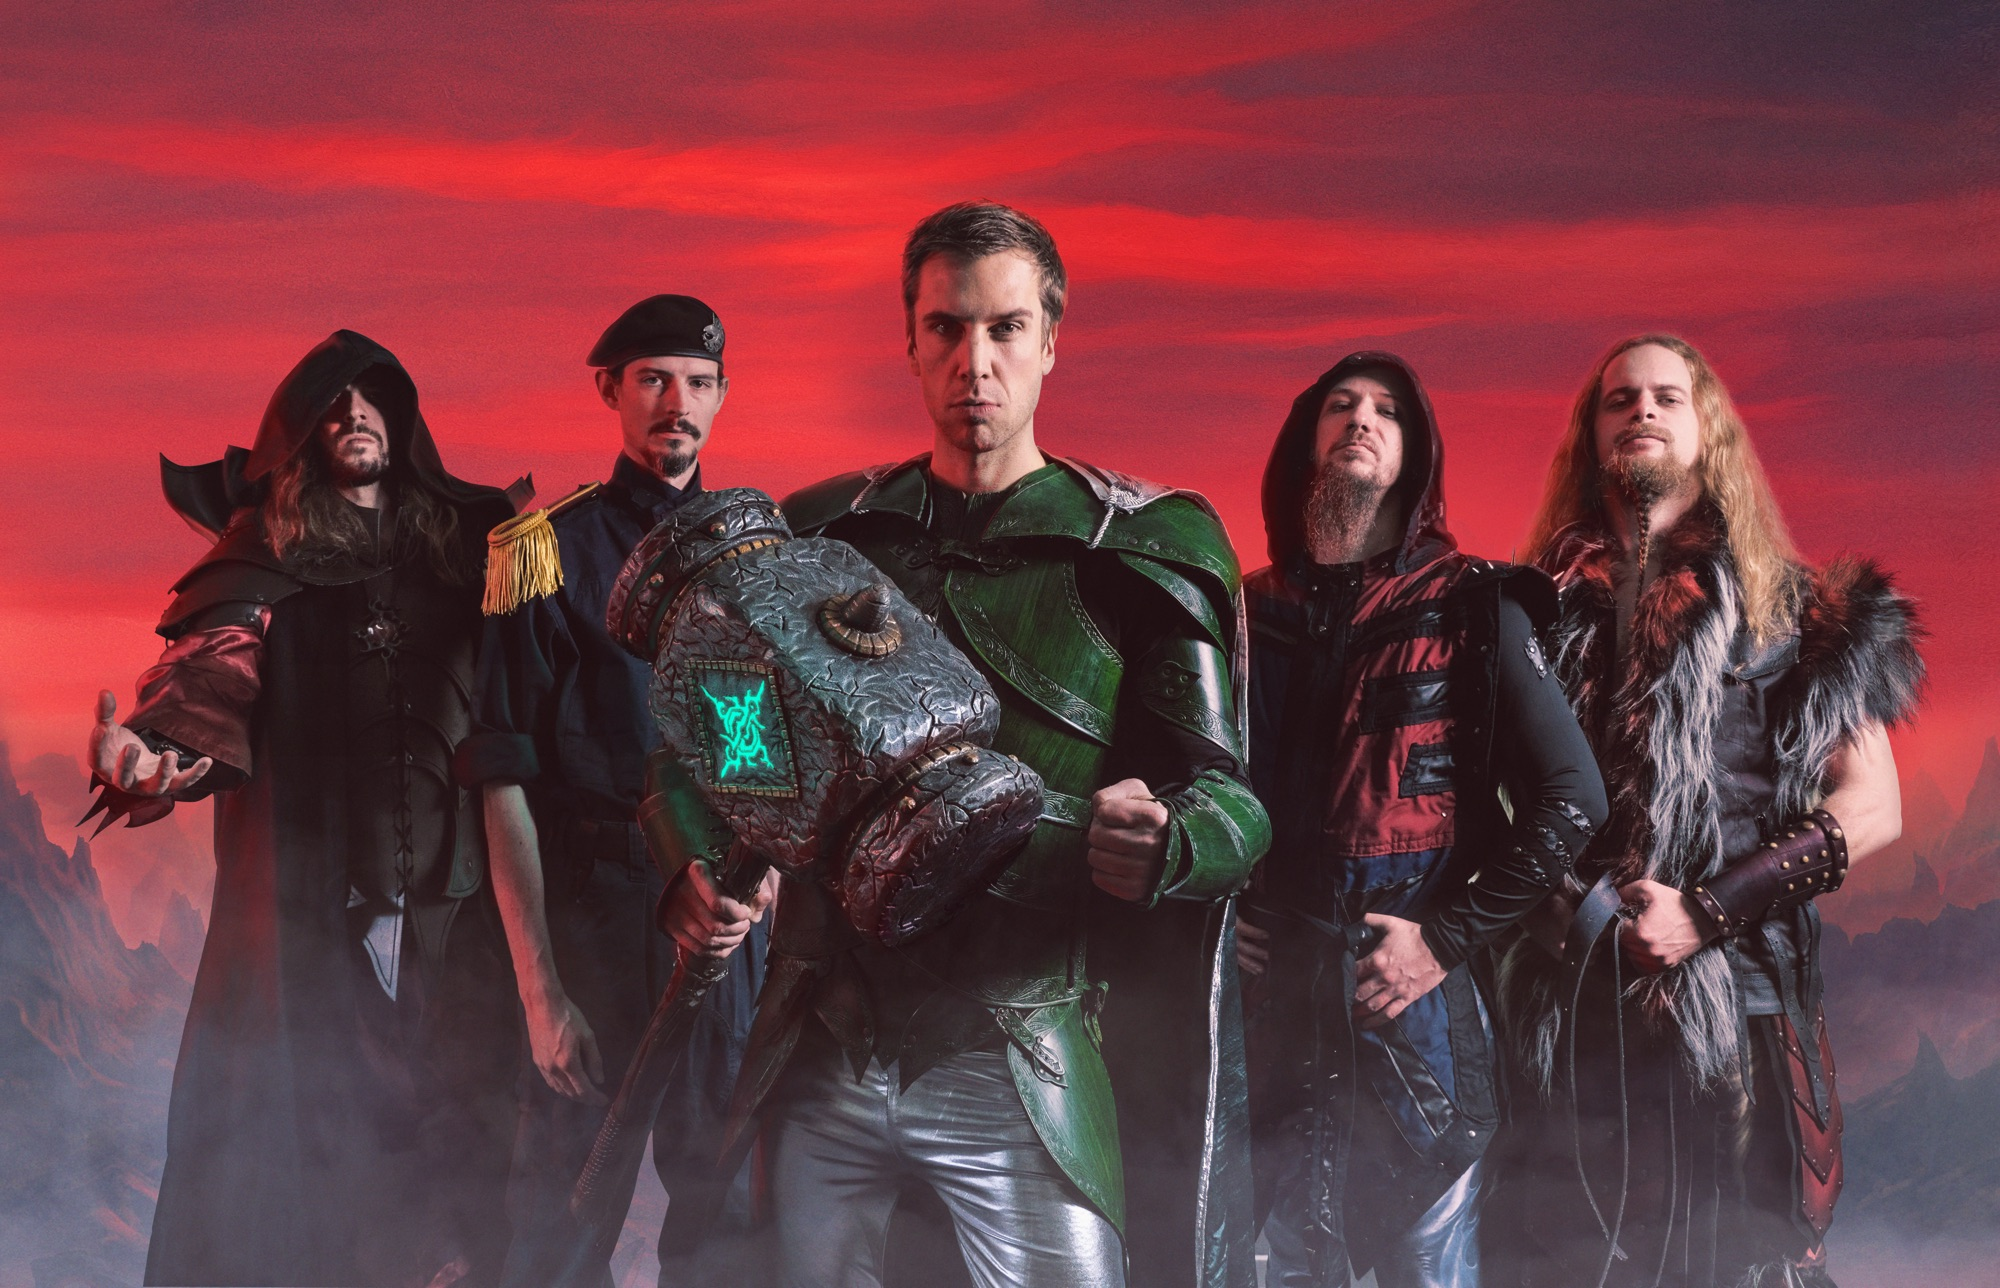 銀河國度的交響力金 榮耀之槌Gloryhammer 釋出第二首單曲影音 The Siege of Dunkeld